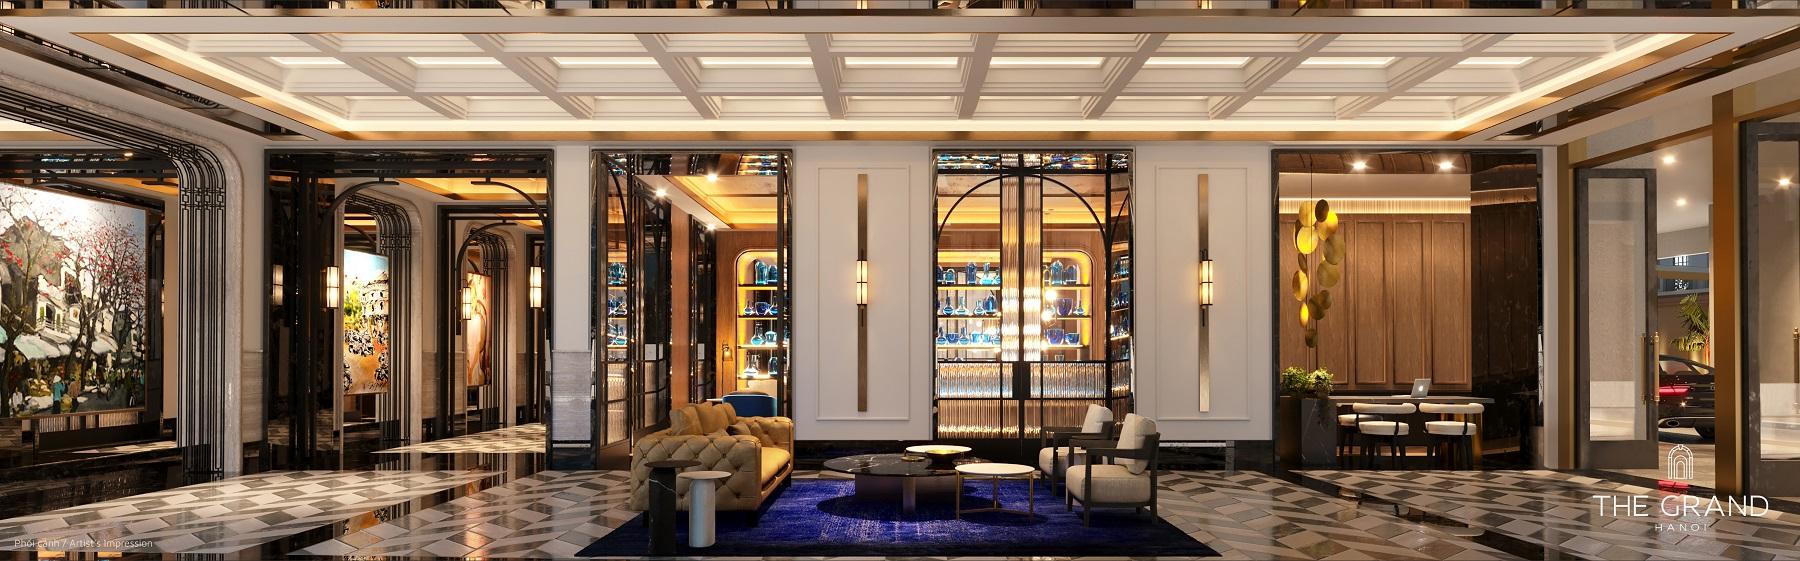 Masterise Homes cùng Marriott International mang khu căn hộ hàng hiệu Ritz-Carlton đến Hà Nội 1